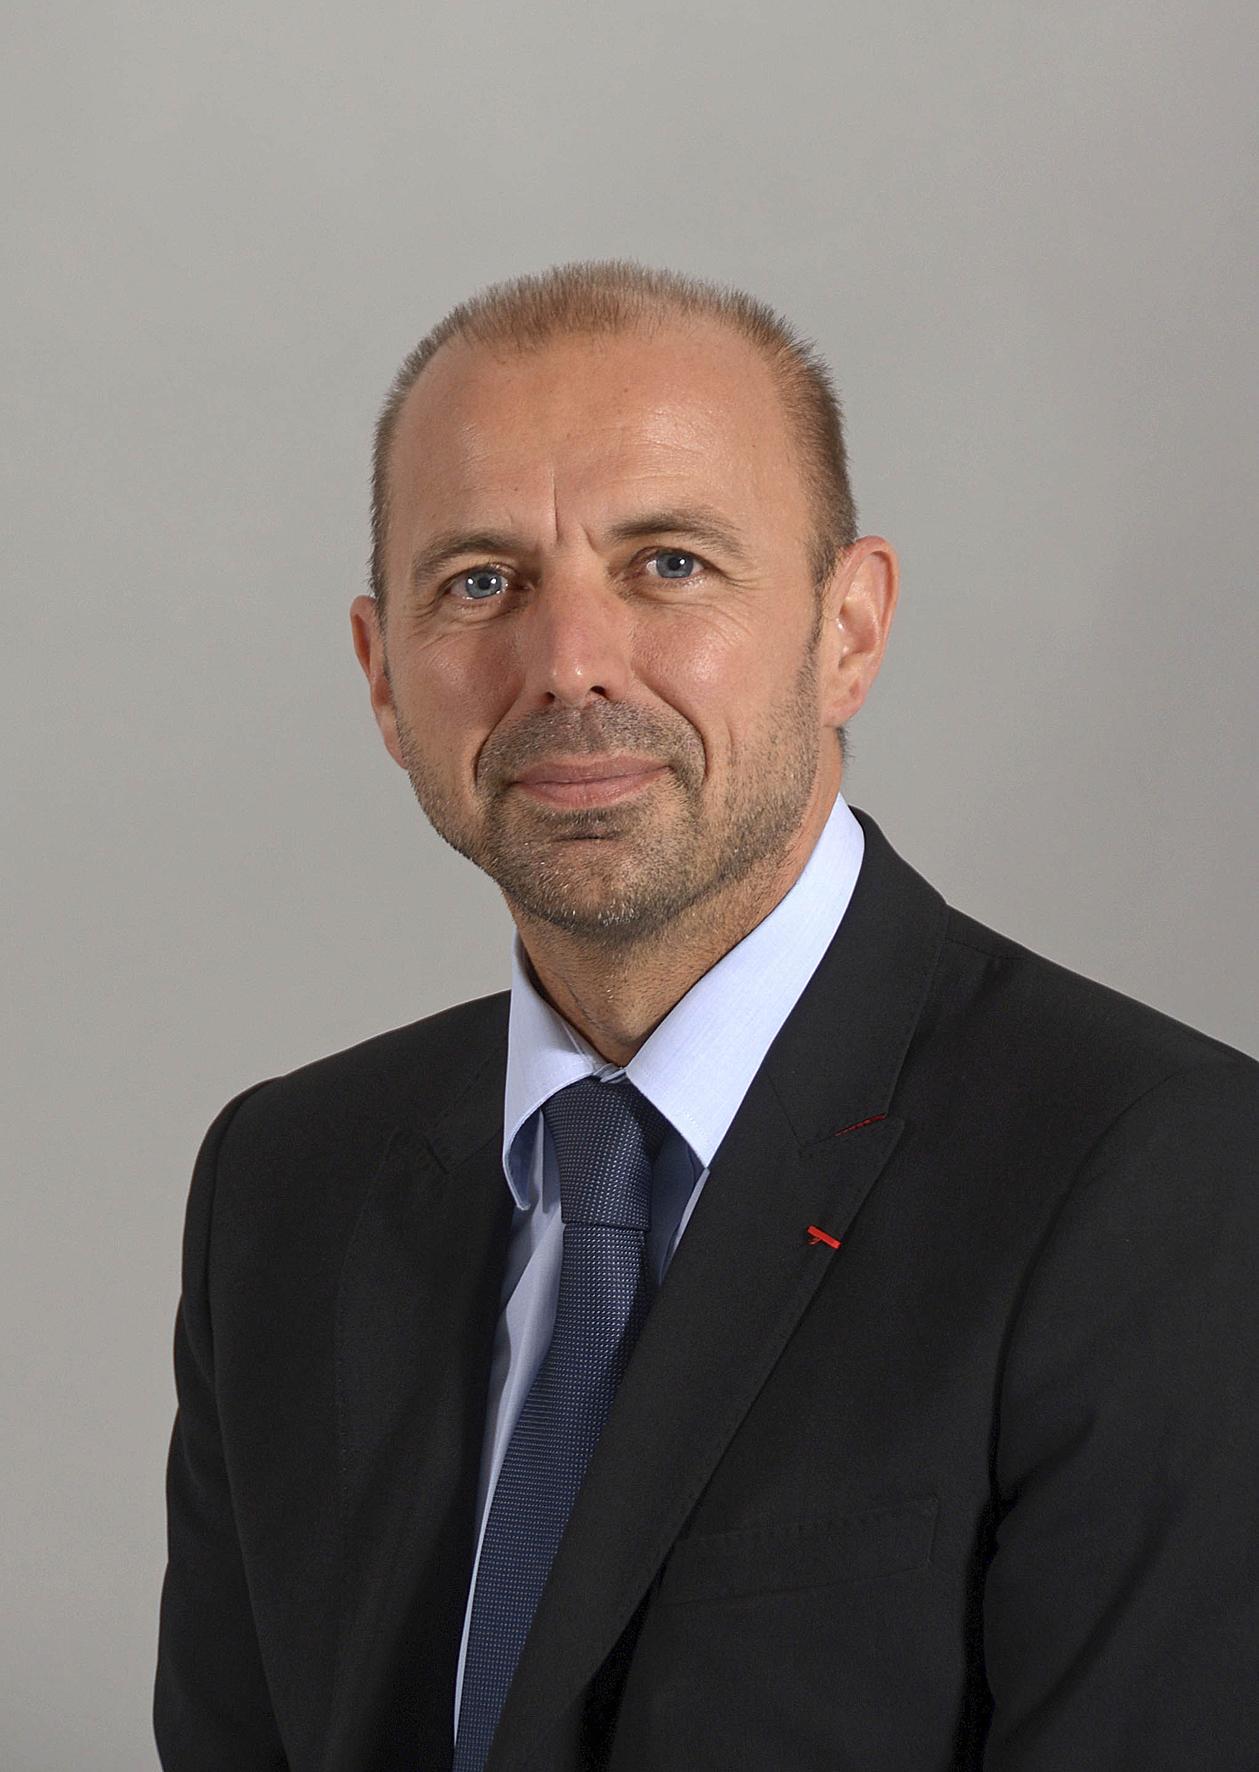 jean-francois-debat-maire-de-bourg-en-bresse